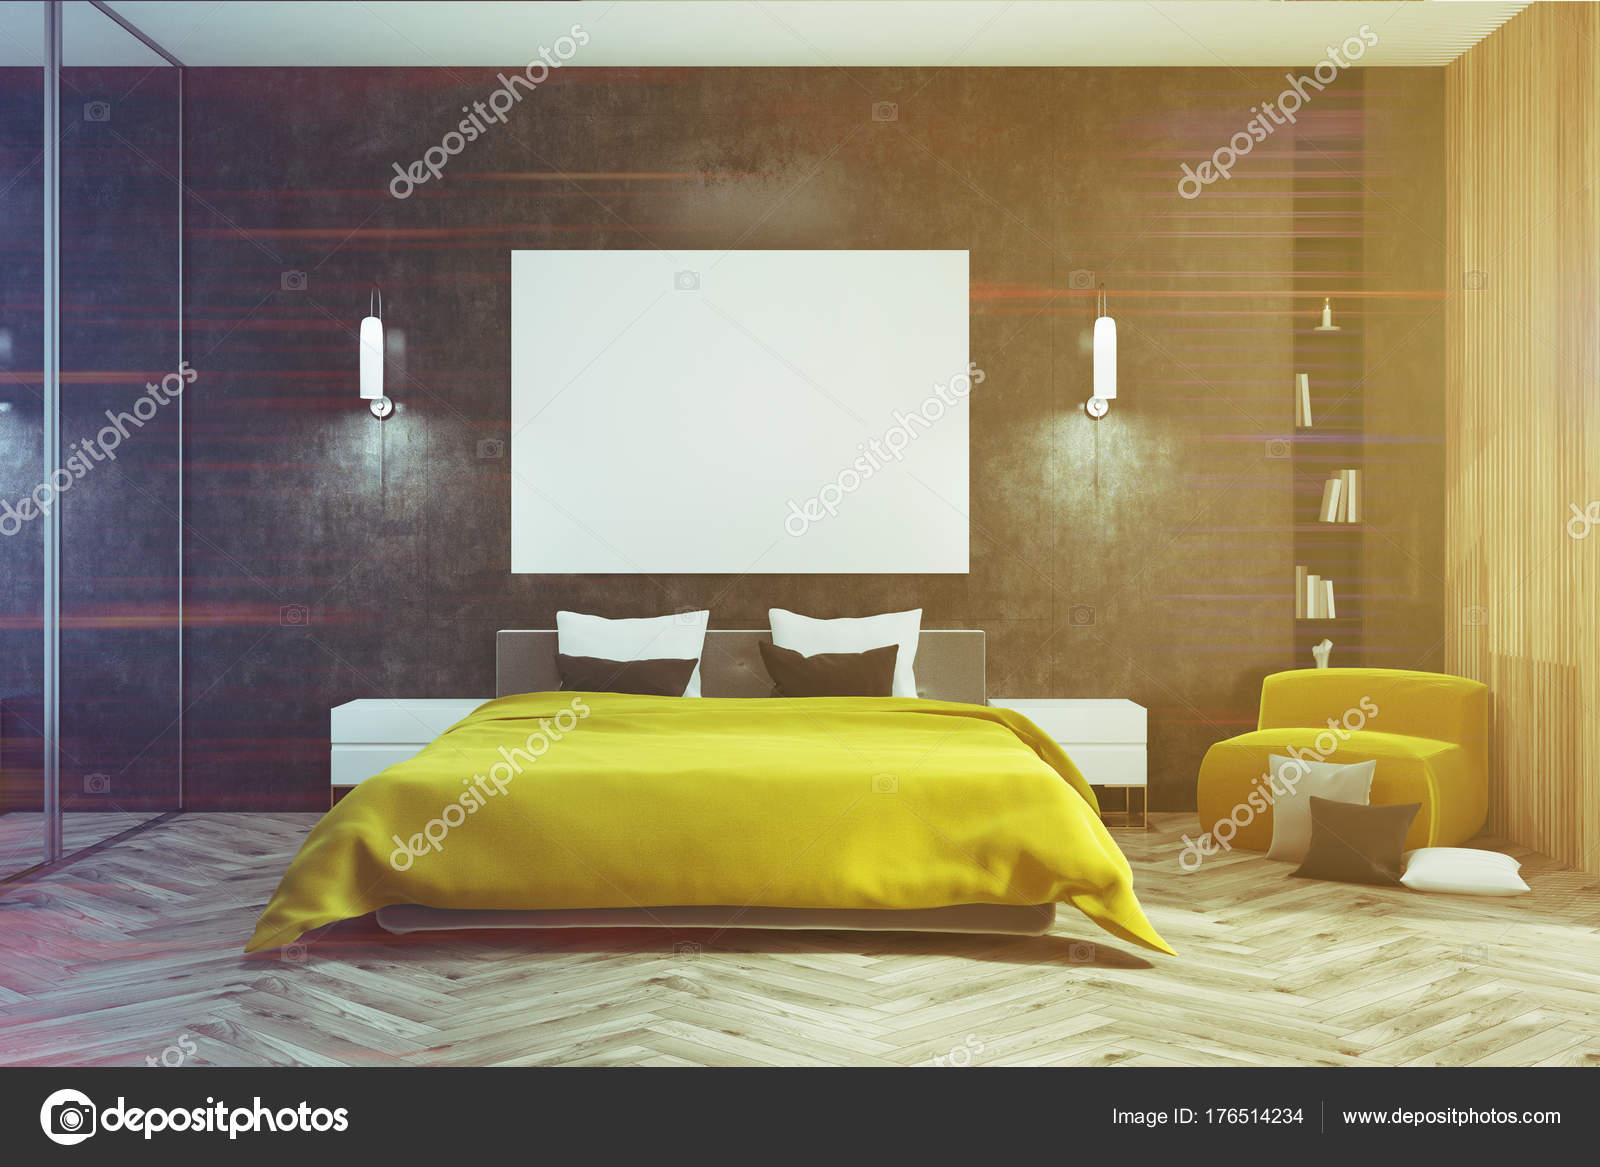 Letto camera da letto nera, gialla, poster tonica — Foto Stock ...